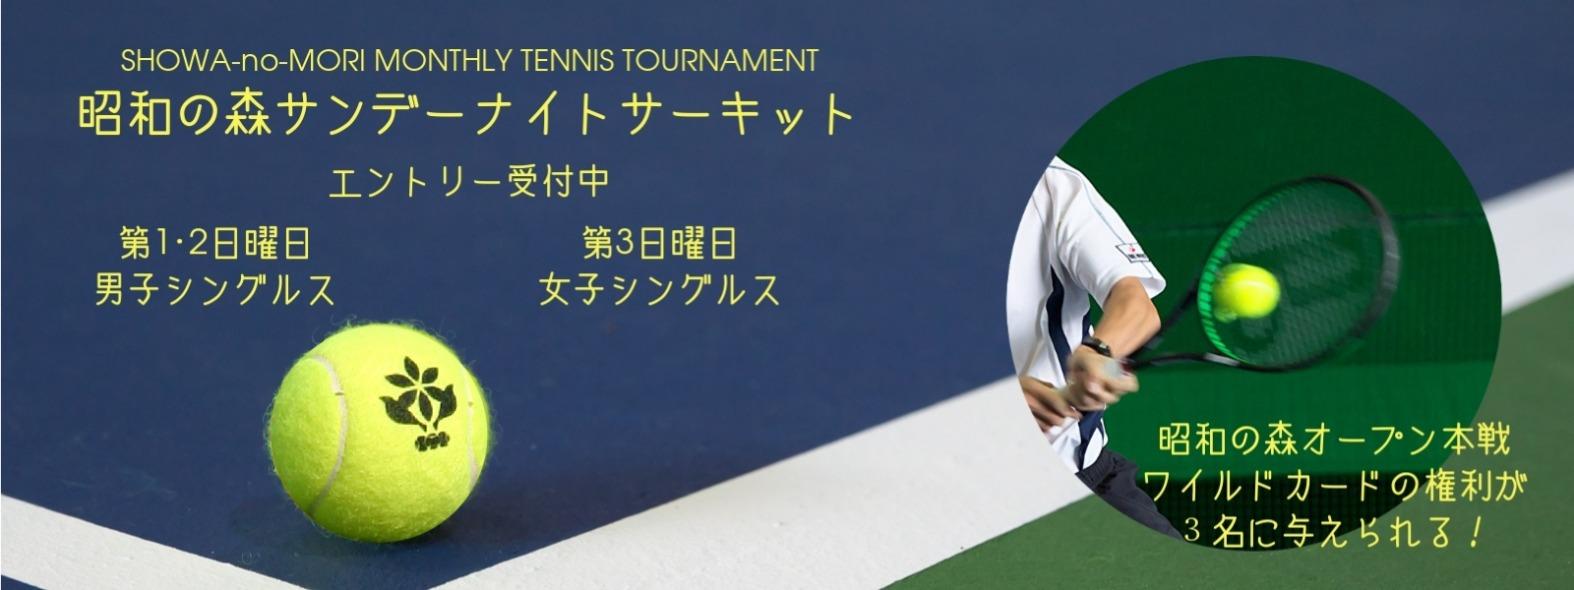 昭和の森サンデーナイトサーキット 昭和の森テニスセンター(東京都昭島市)